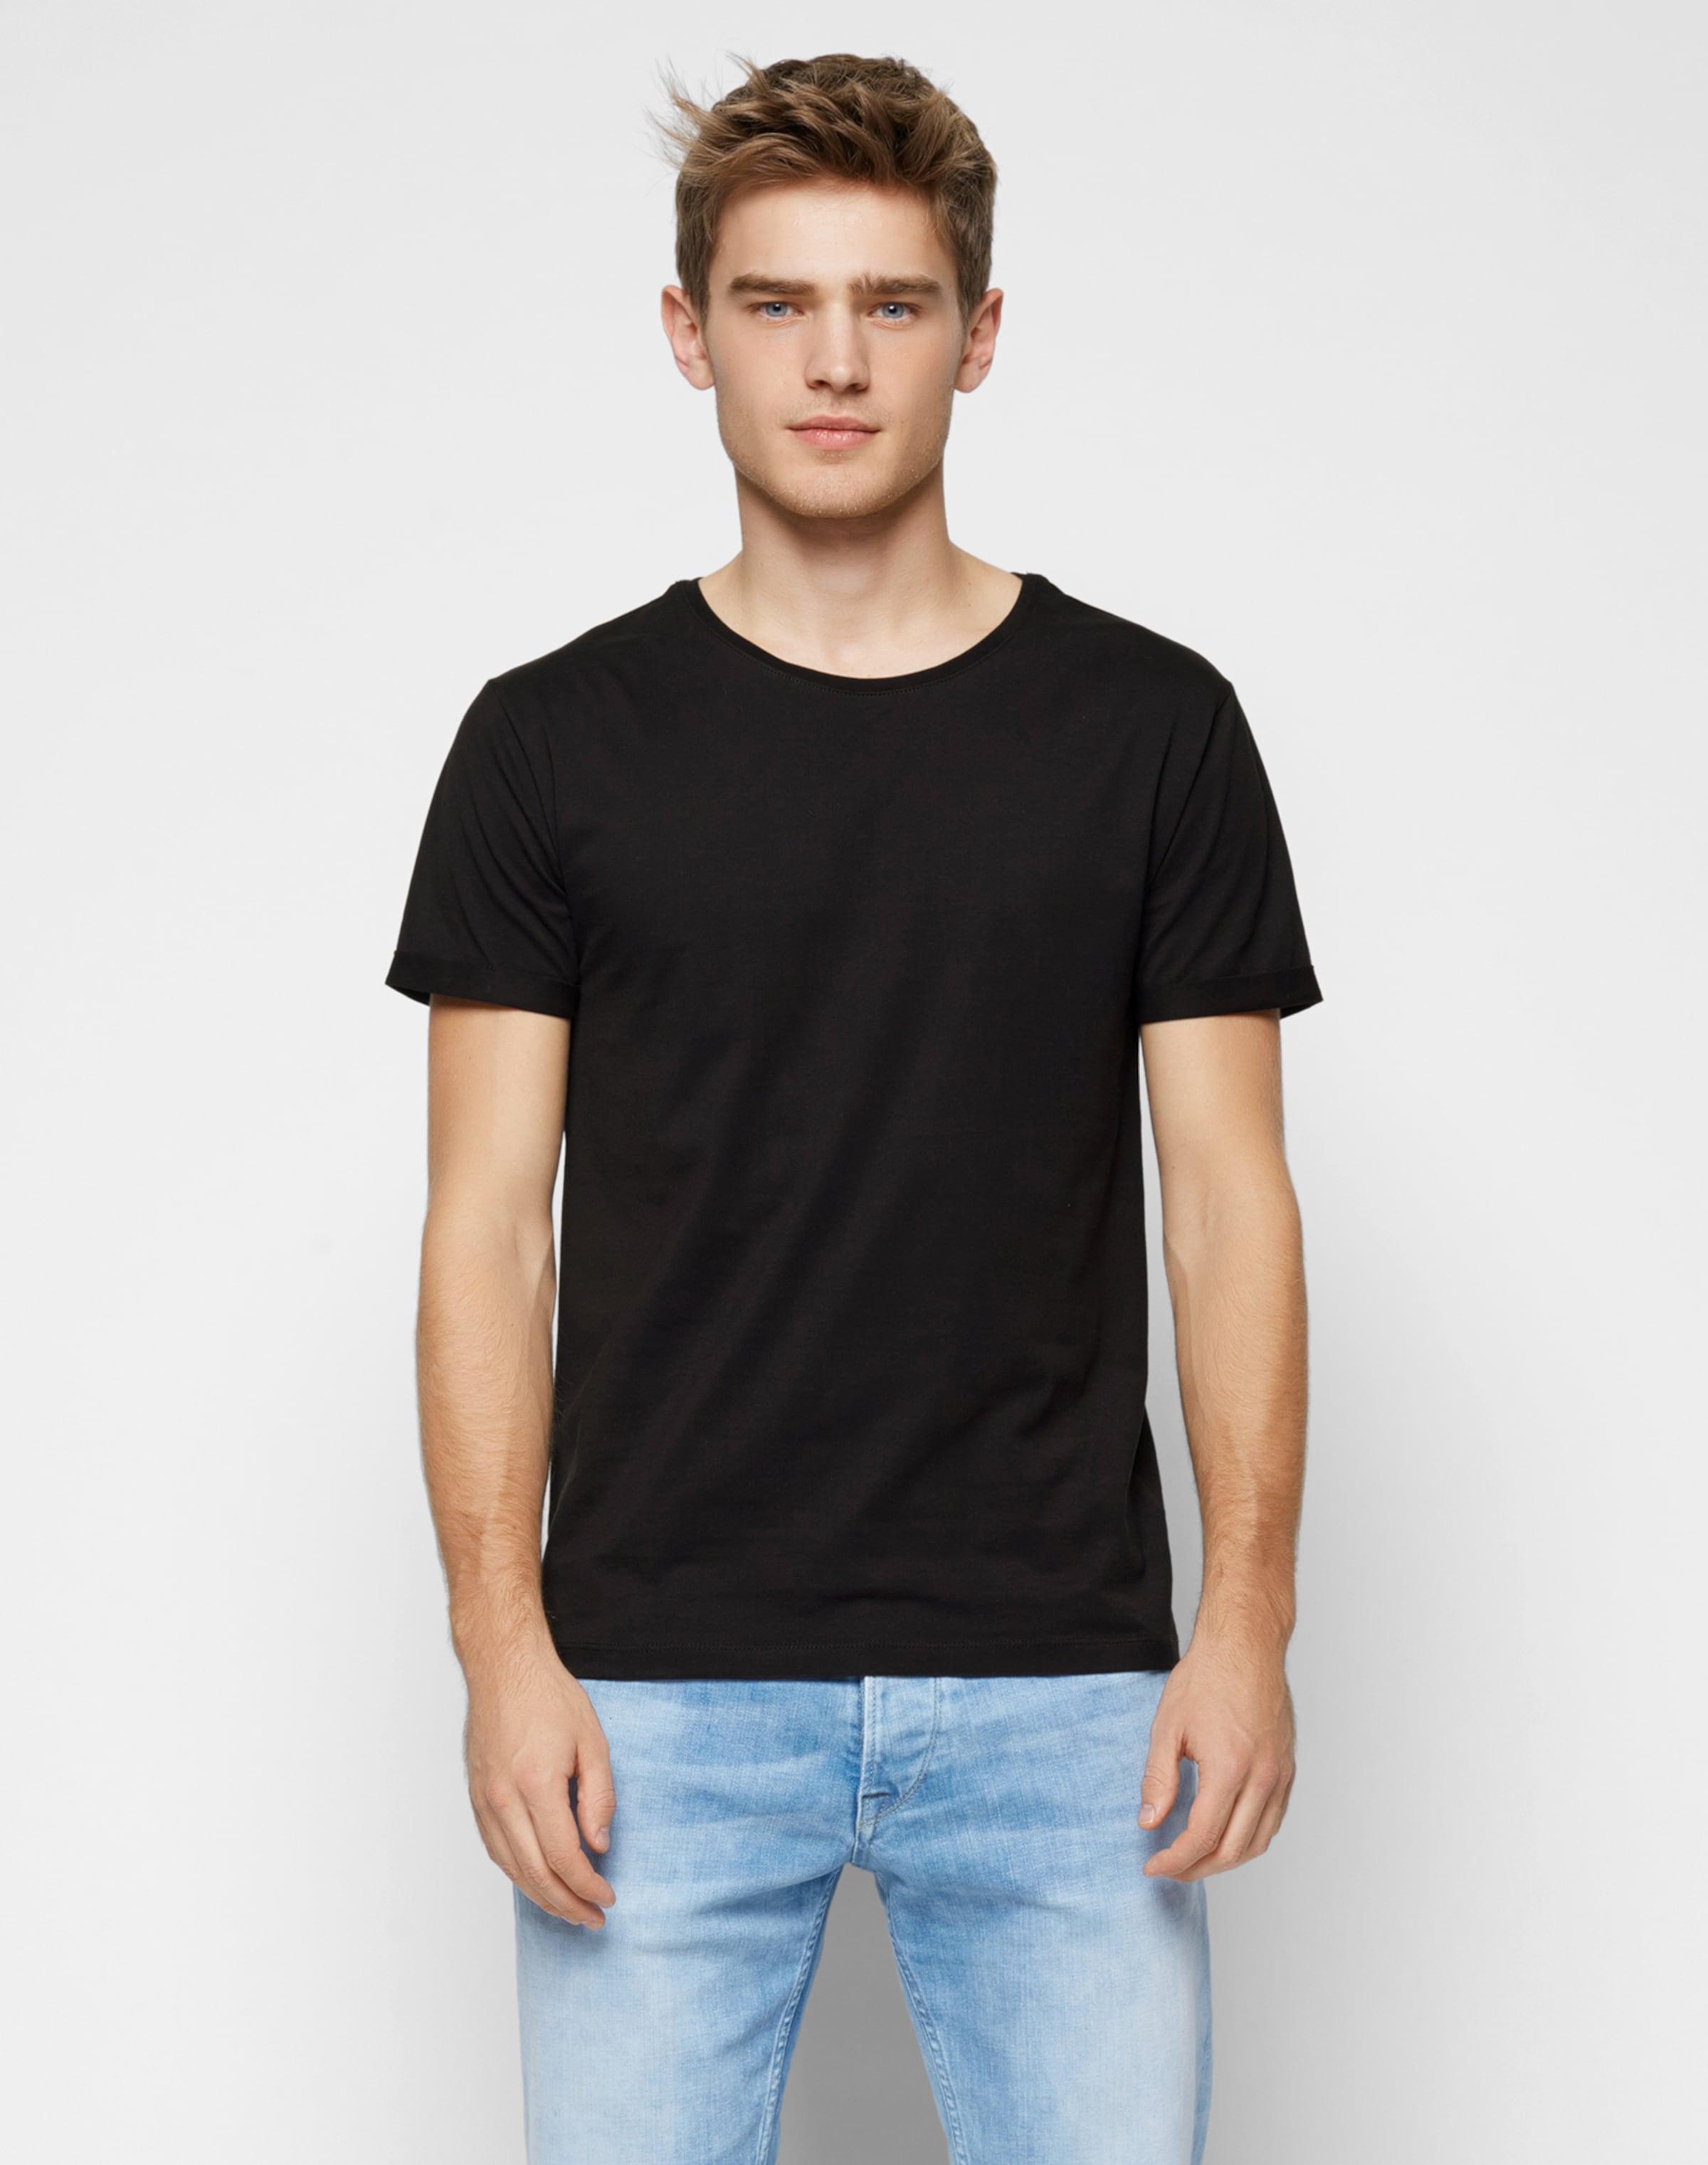 Kaufen Wirklich Billig Spielraum Geringe Versandgebühr ABOUT YOU Basics T-Shirt 'Andy' Erschwinglich Verkauf Websites Nett yqUm0qra2P